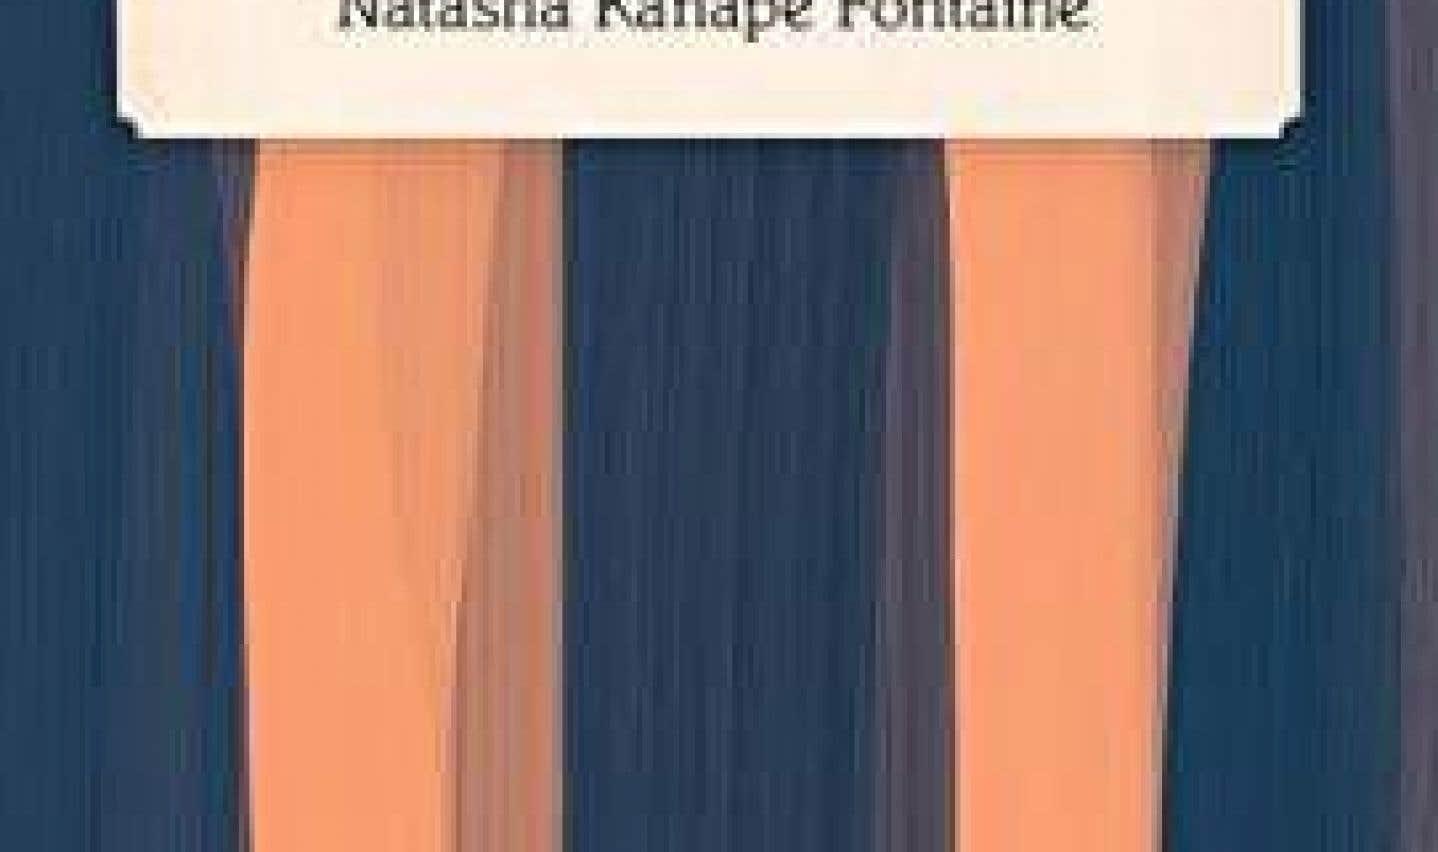 Le chant d'amour de Kanapé Fontaine